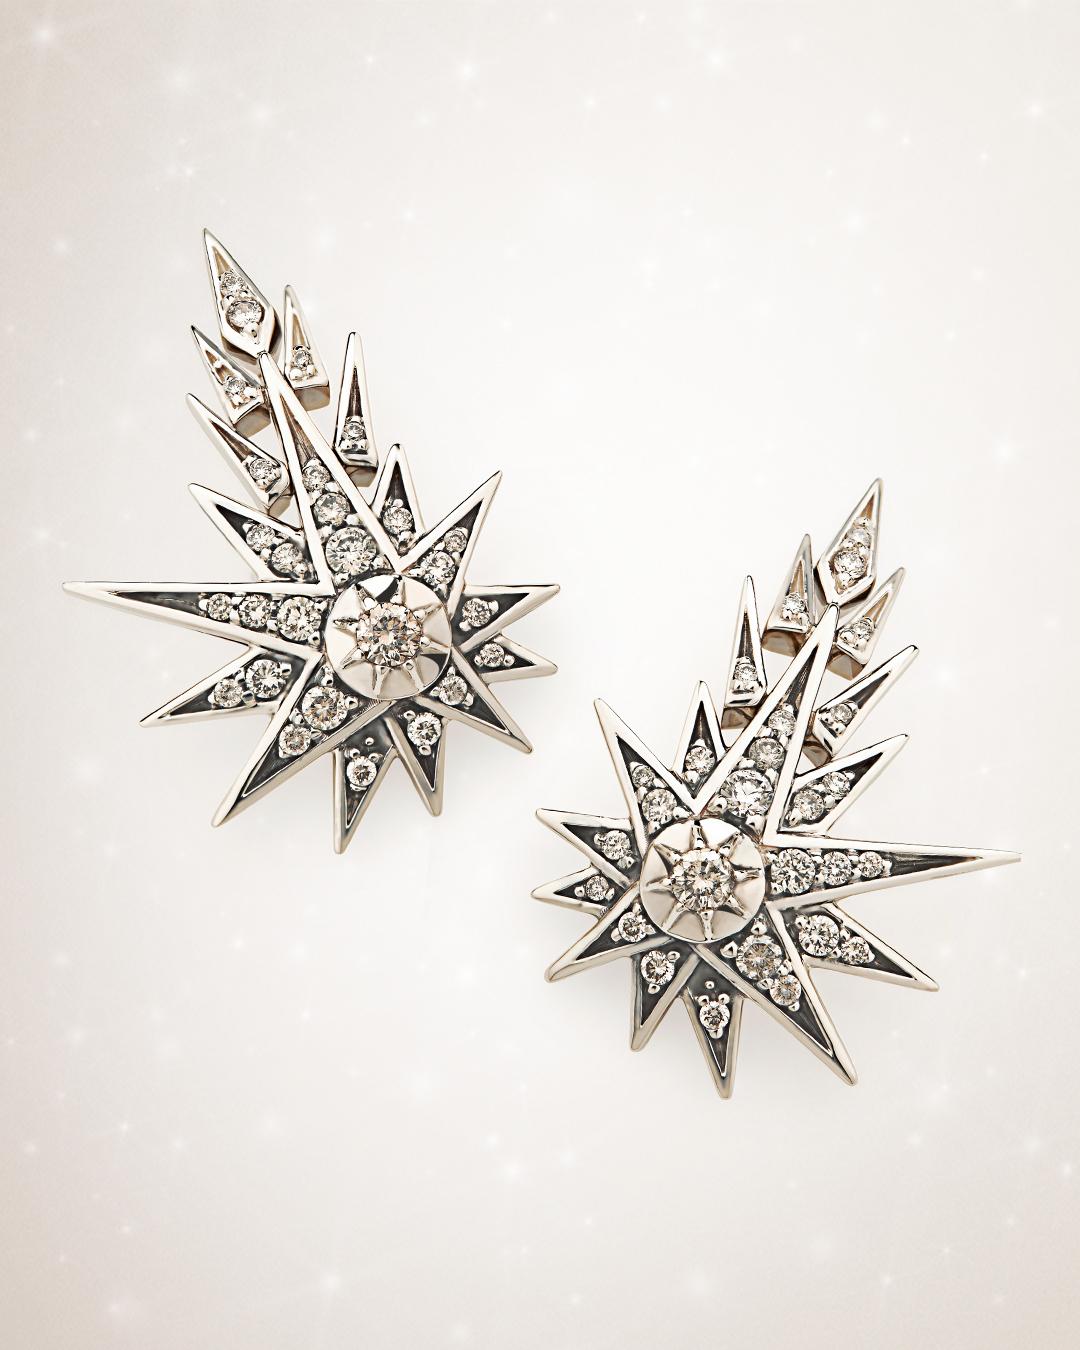 brincos-de-diamantes-hstern-genesis